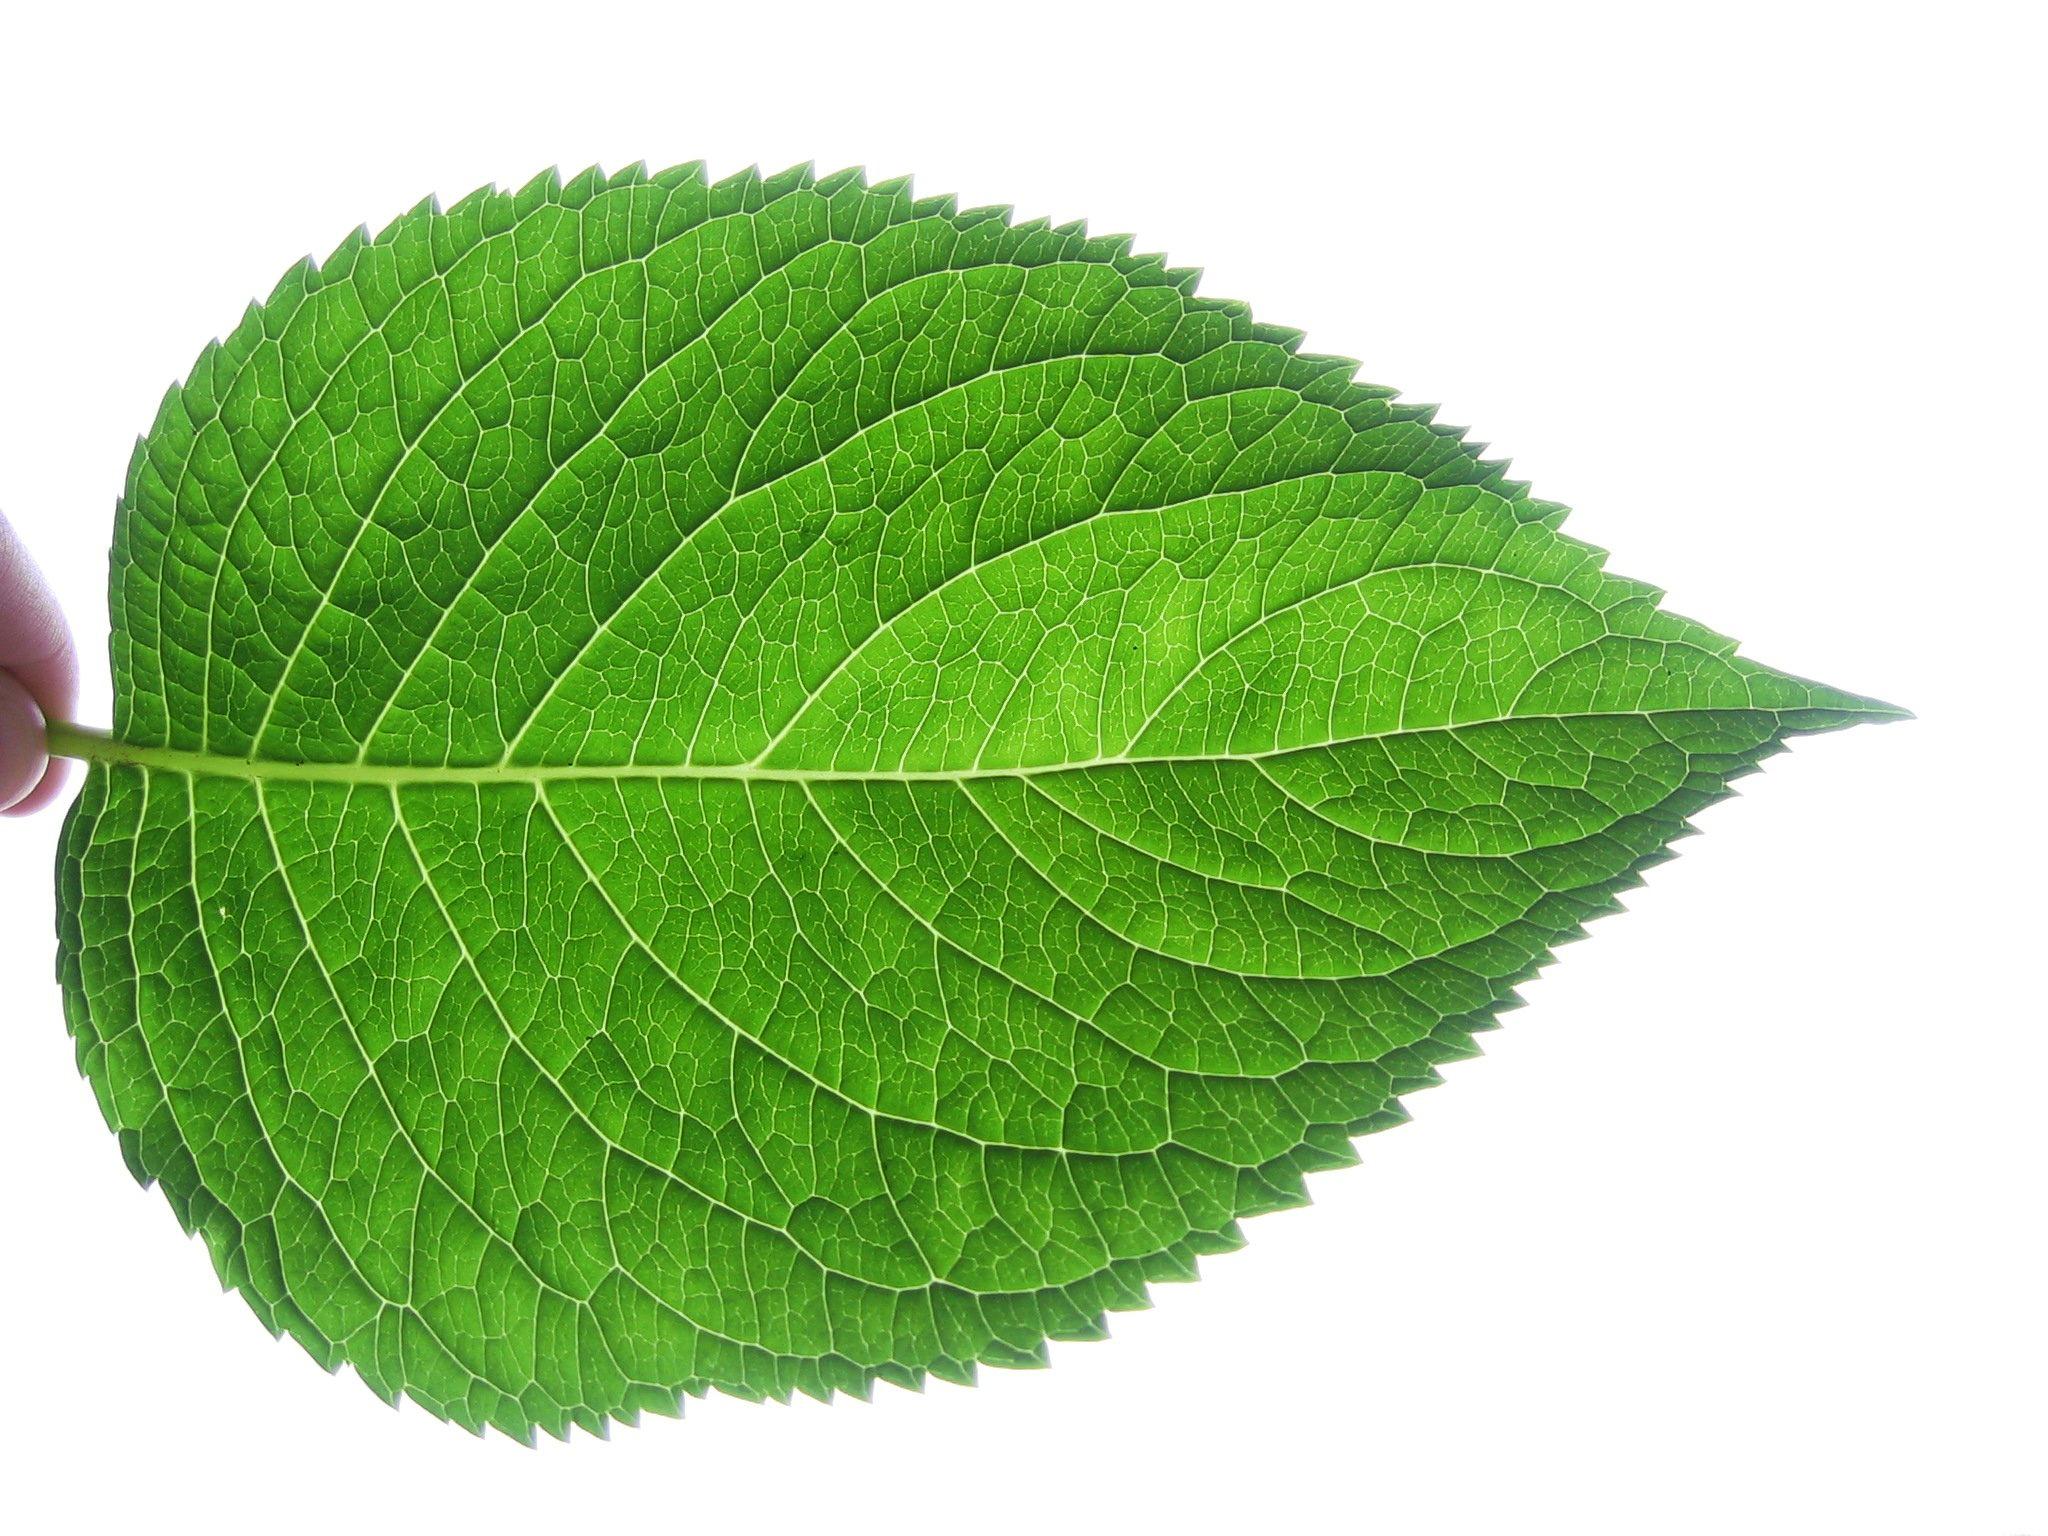 Leaf_fractal_like.JPG